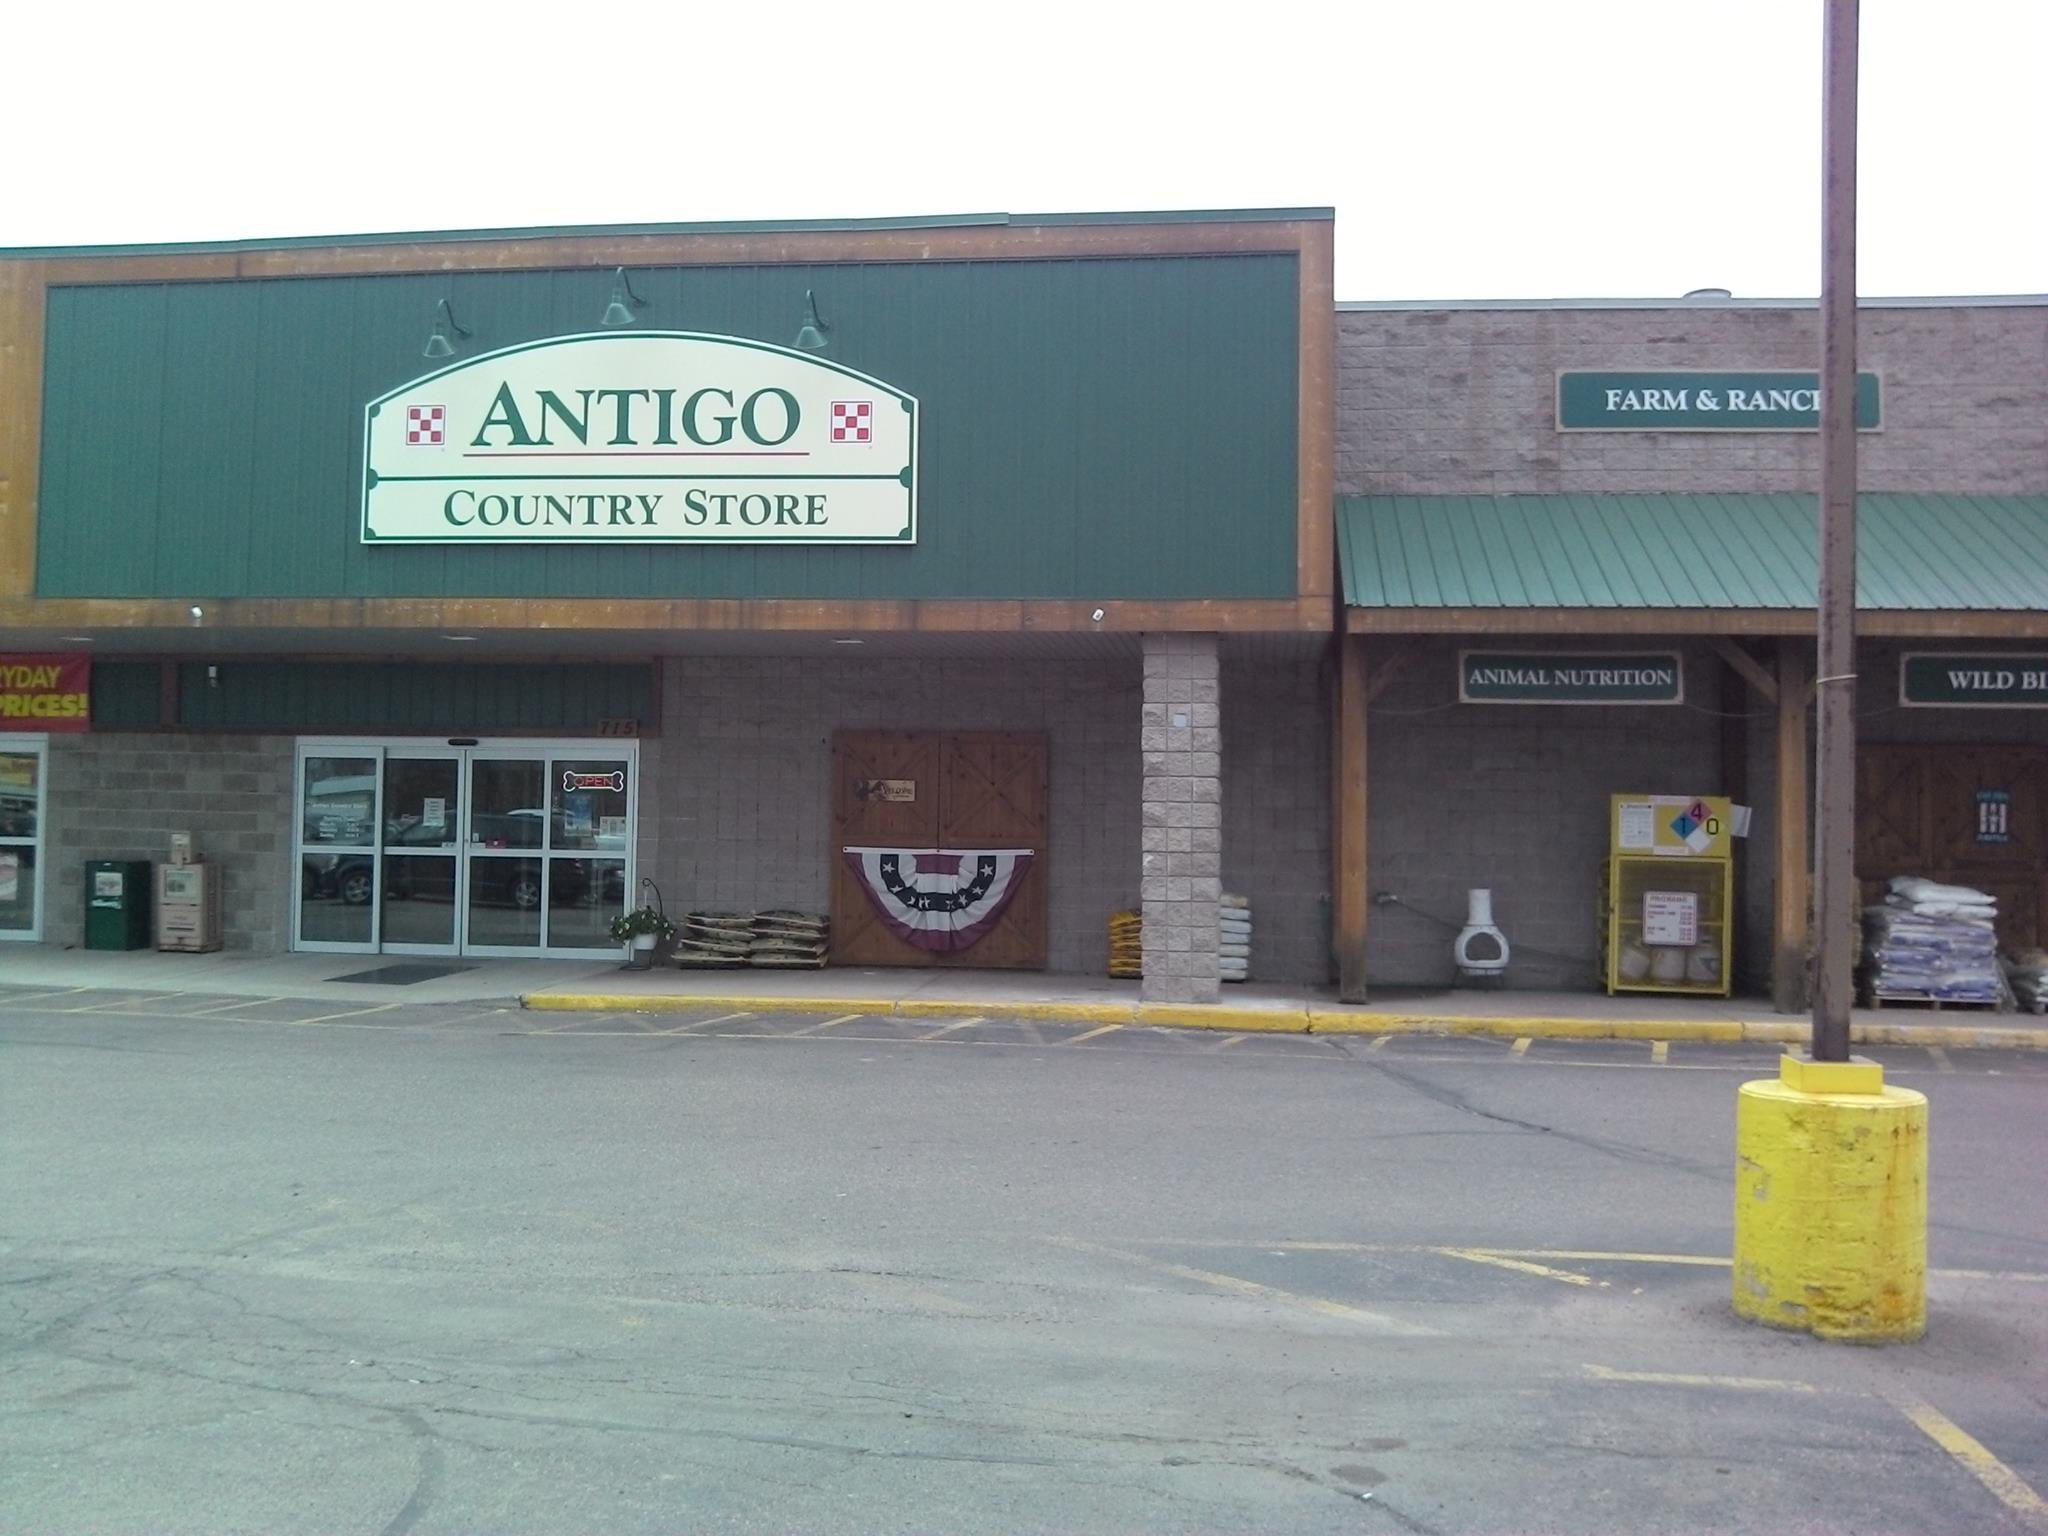 Antigo Country Store